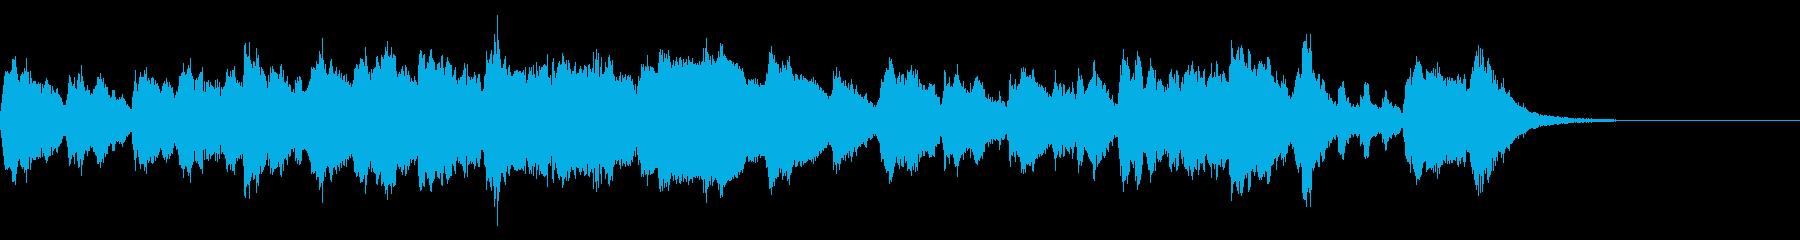 気品のあるストリングスとピアノのBGMの再生済みの波形